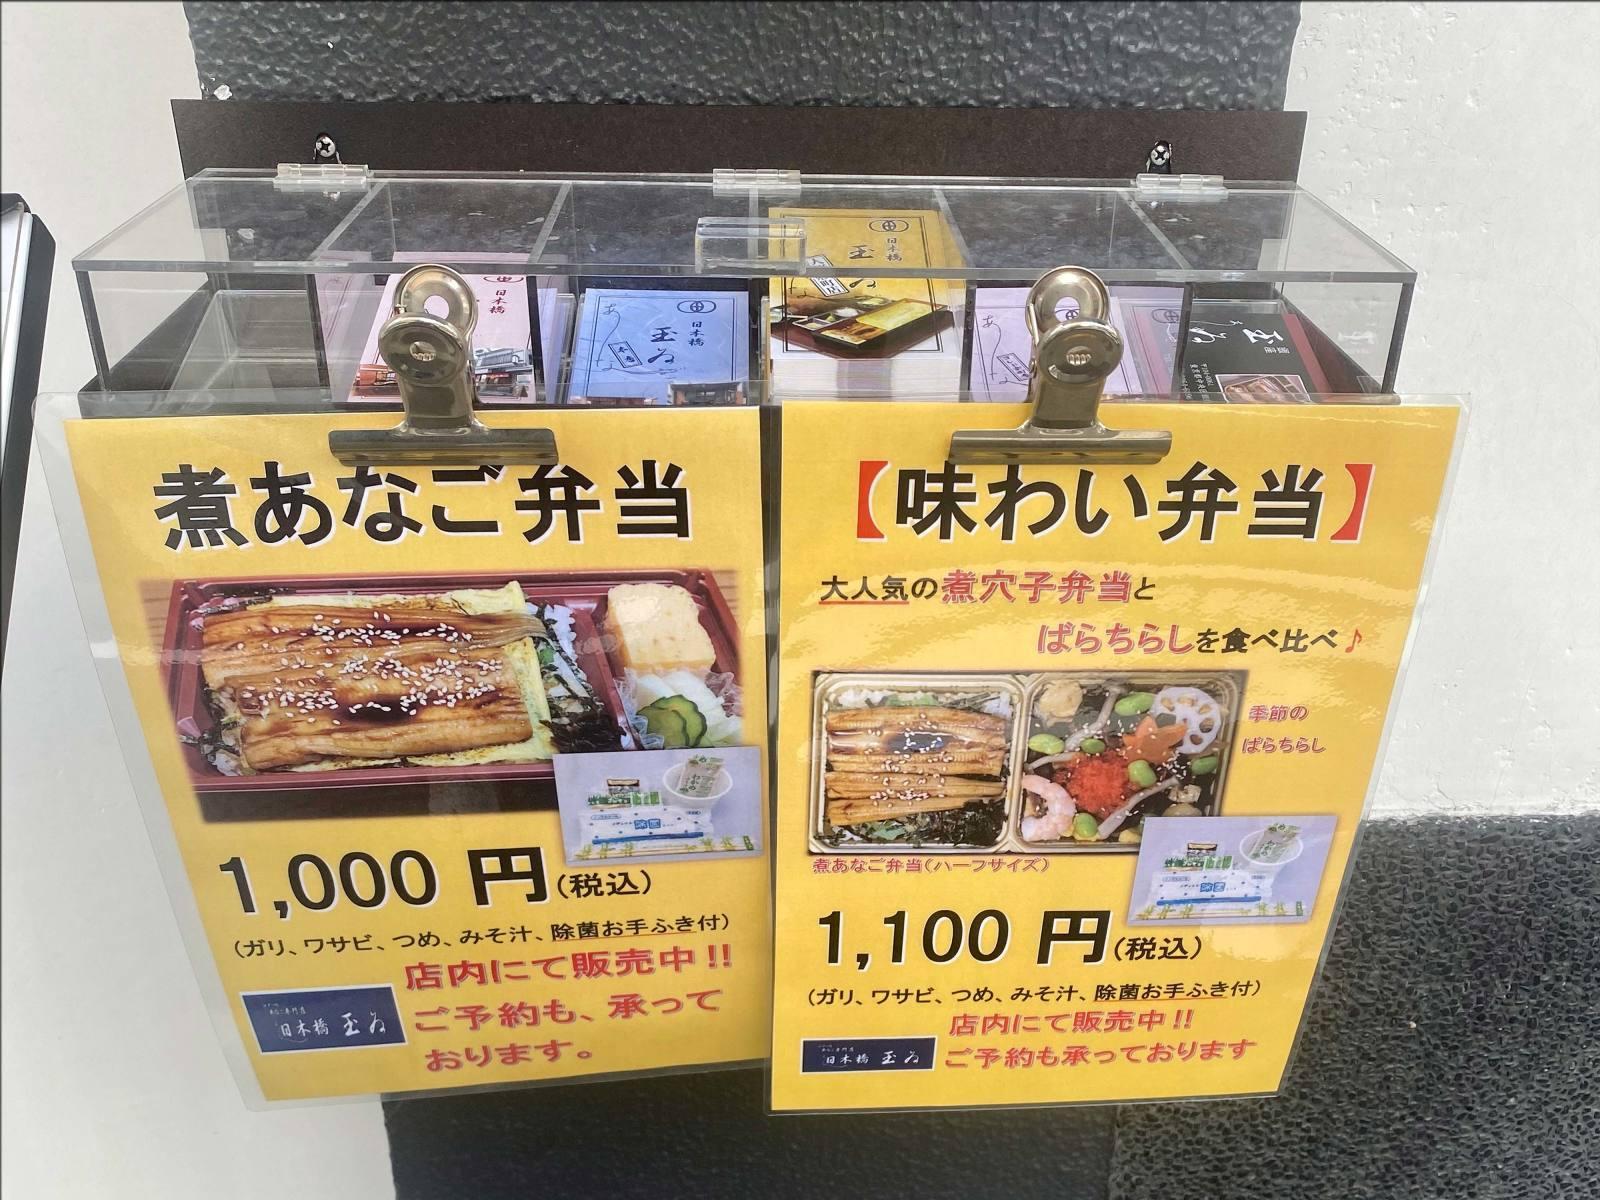 日本橋 玉ゐの煮あなご弁当@人形町店_b0054329_09153594.jpg